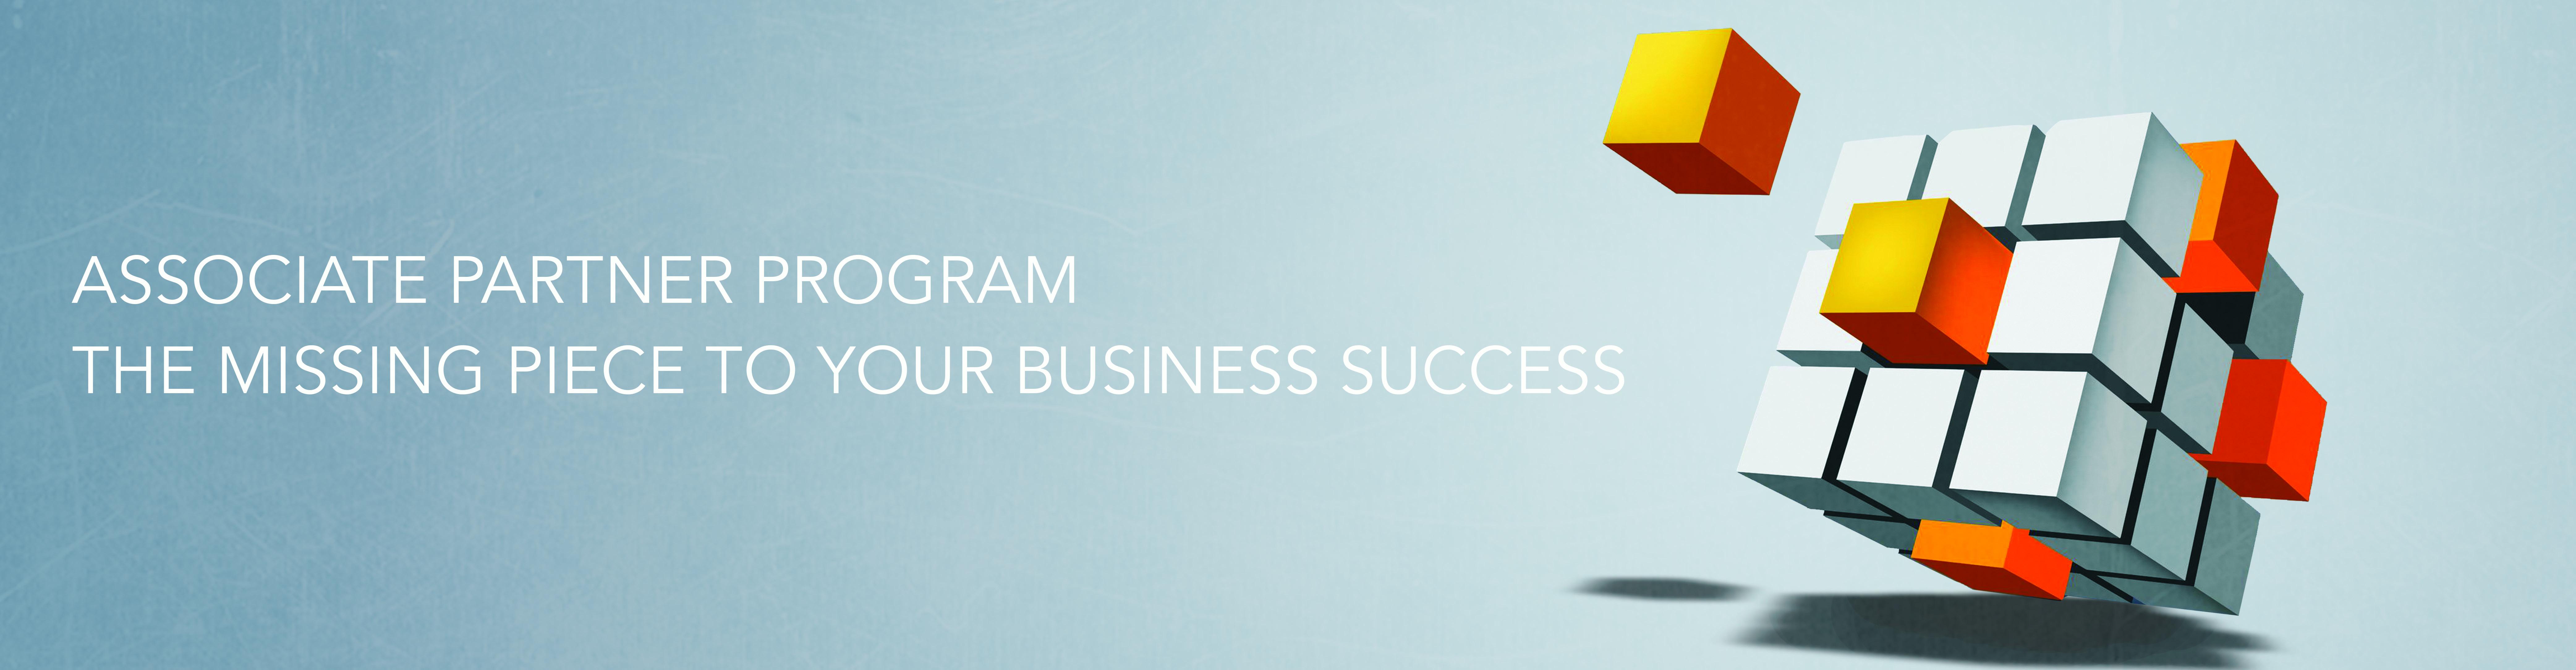 Associate Partner Program